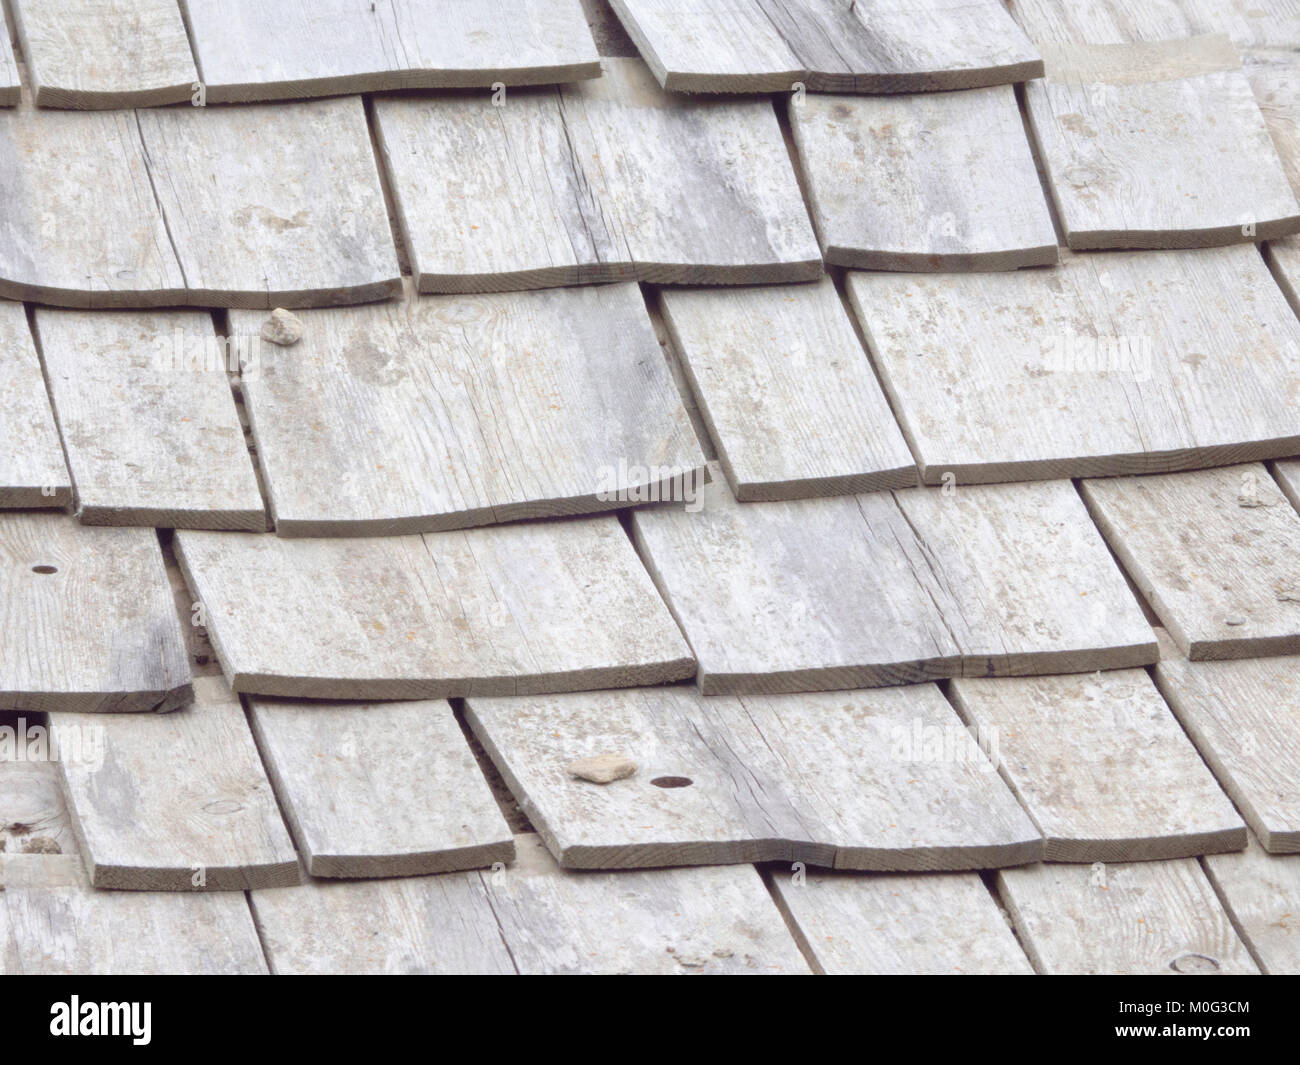 holz dachschindeln eine art holz dachziegel stockfoto bild 172457620 alamy. Black Bedroom Furniture Sets. Home Design Ideas